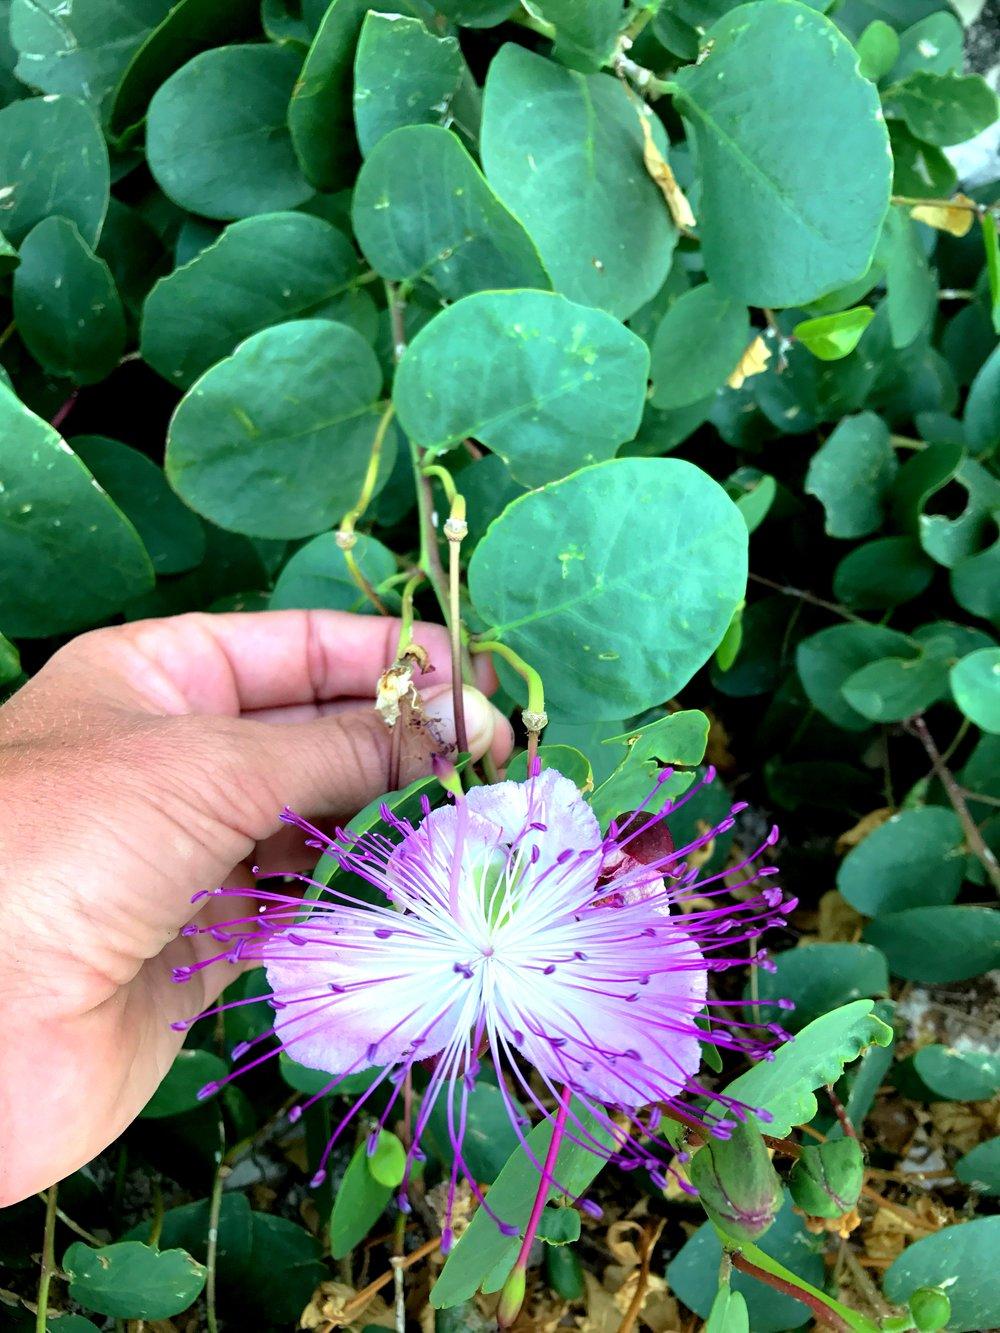 Capparis flower